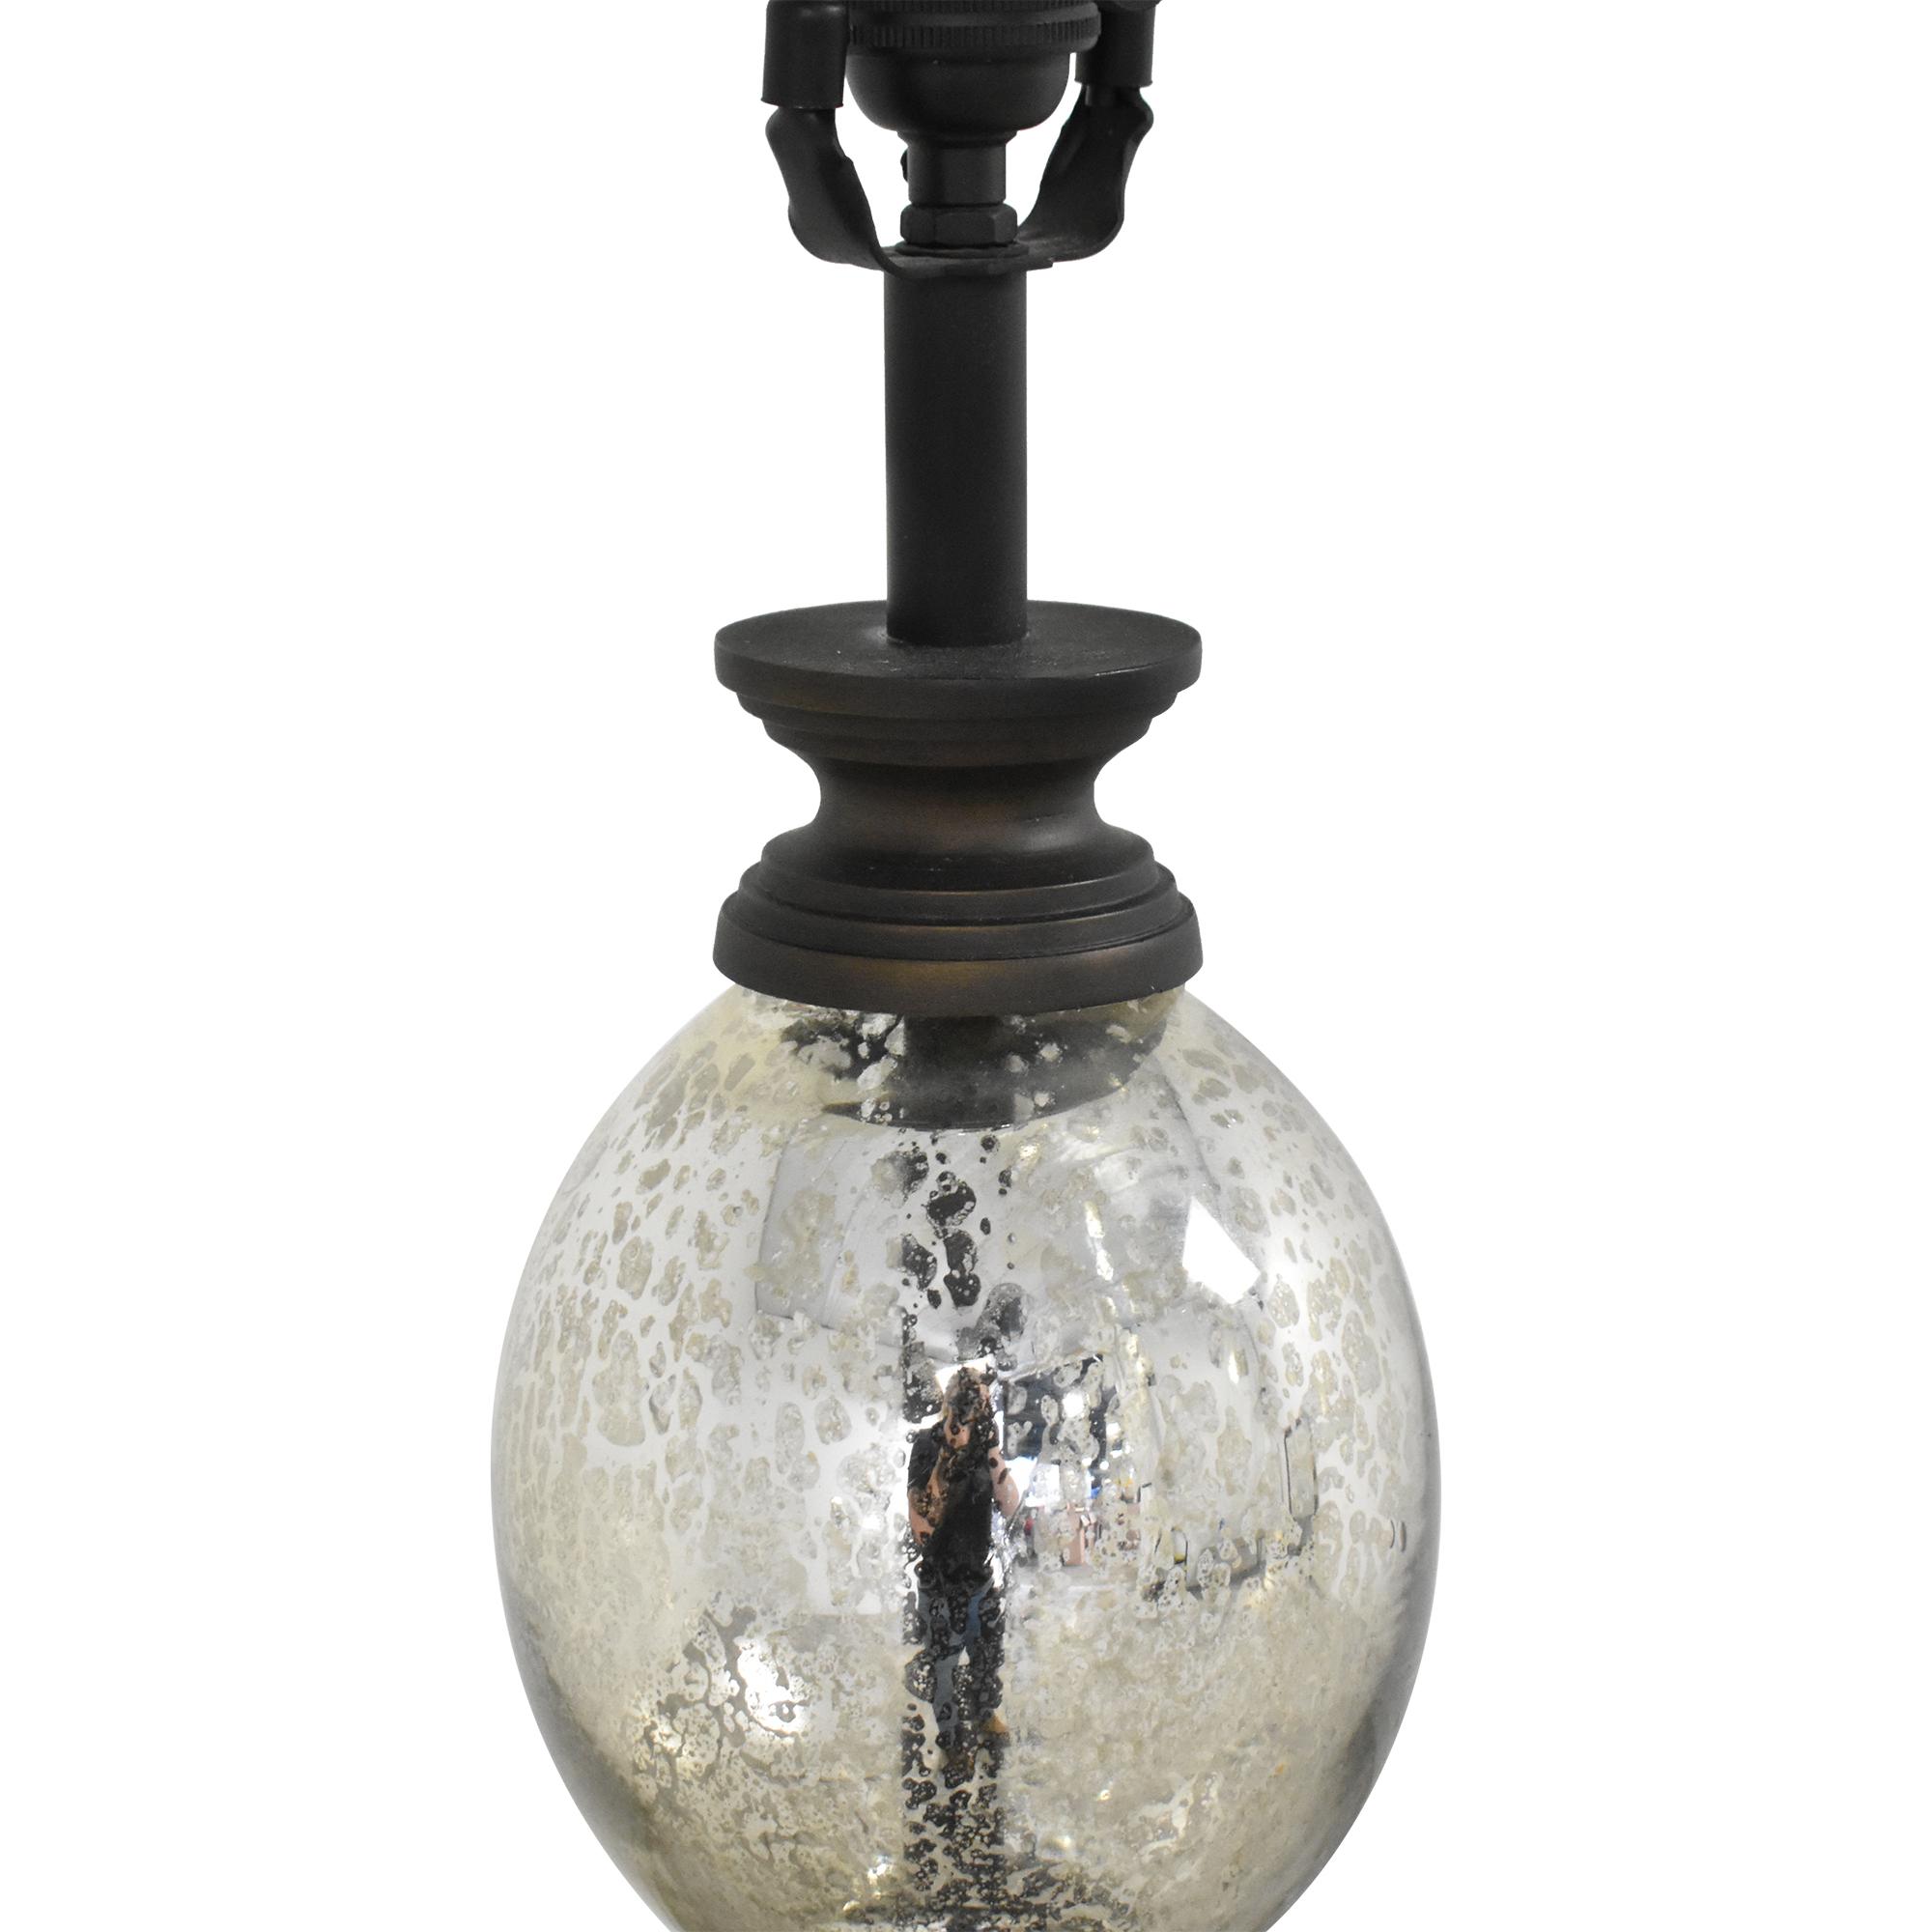 Pottery Barn Pottery Barn Floor Lamp pa